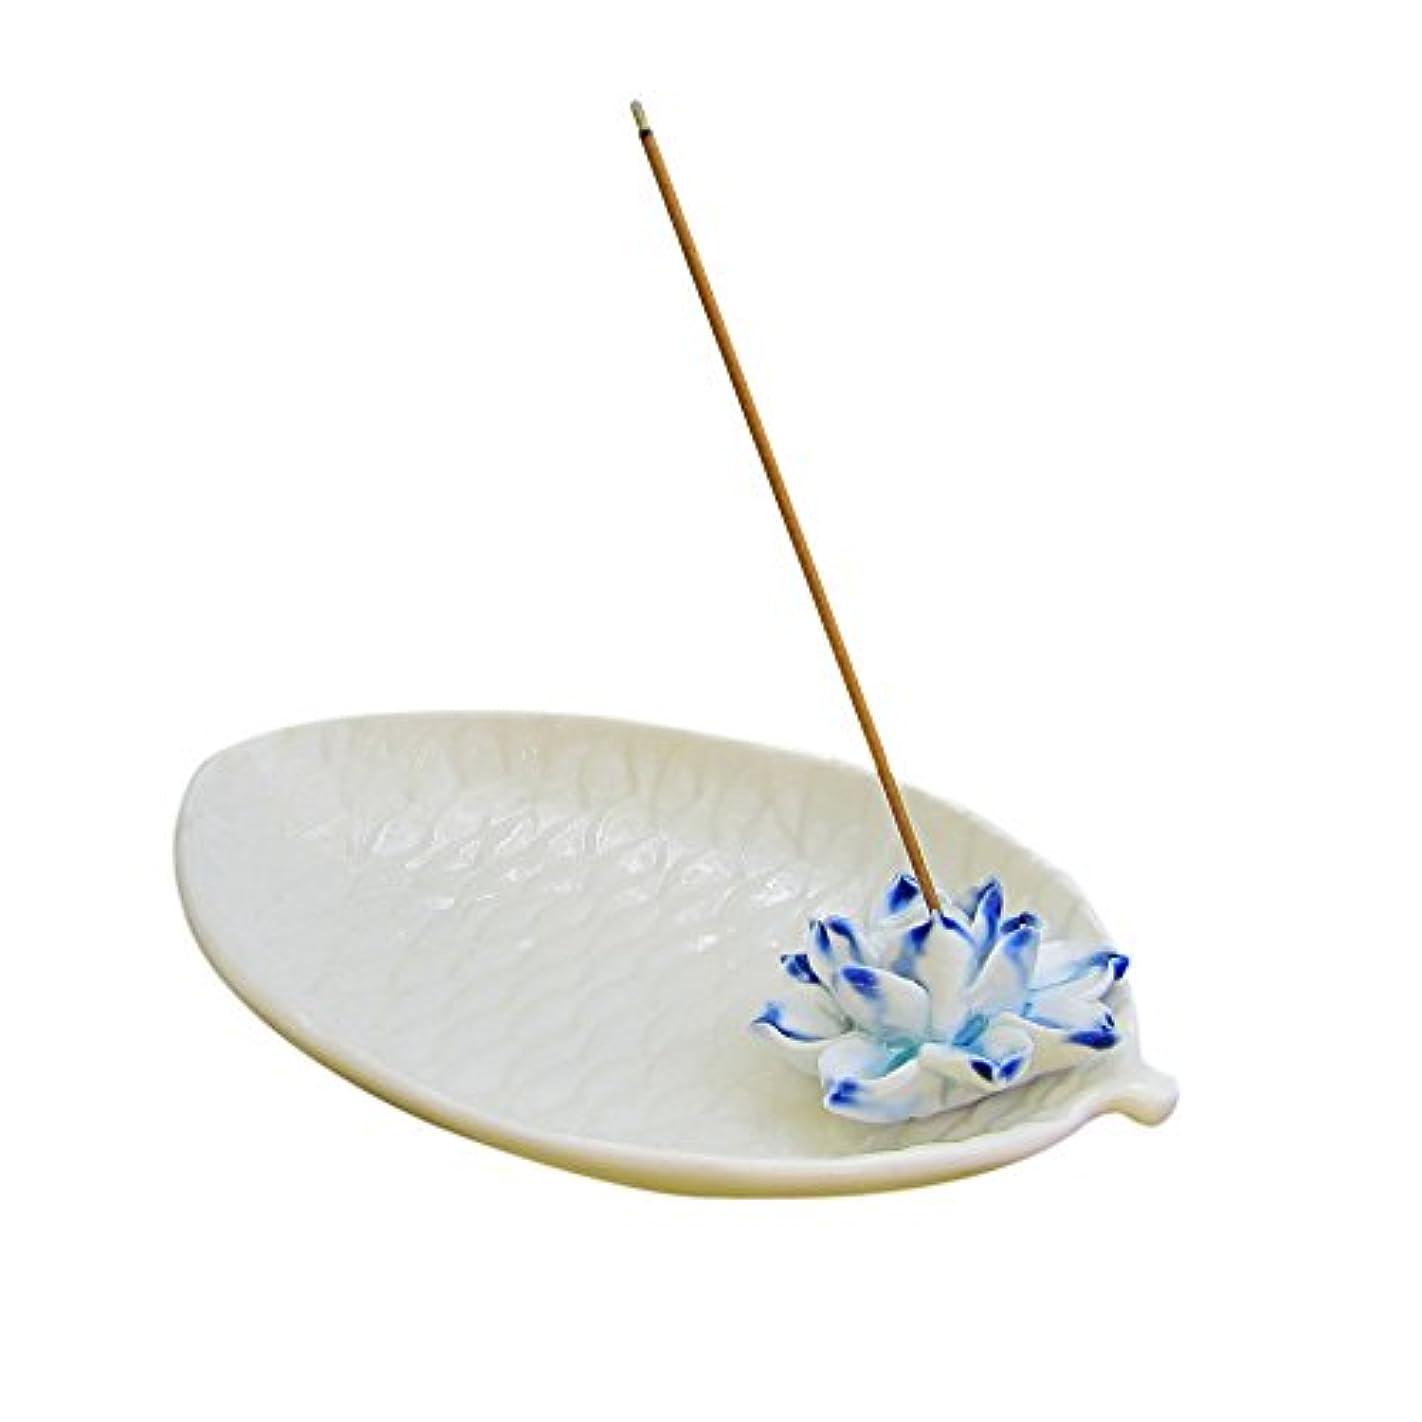 友だち同僚生きるdjiale Incense Stick Holderセラミック香炉with Ashキャッチャー Lotus ホワイト DjialeBurner05